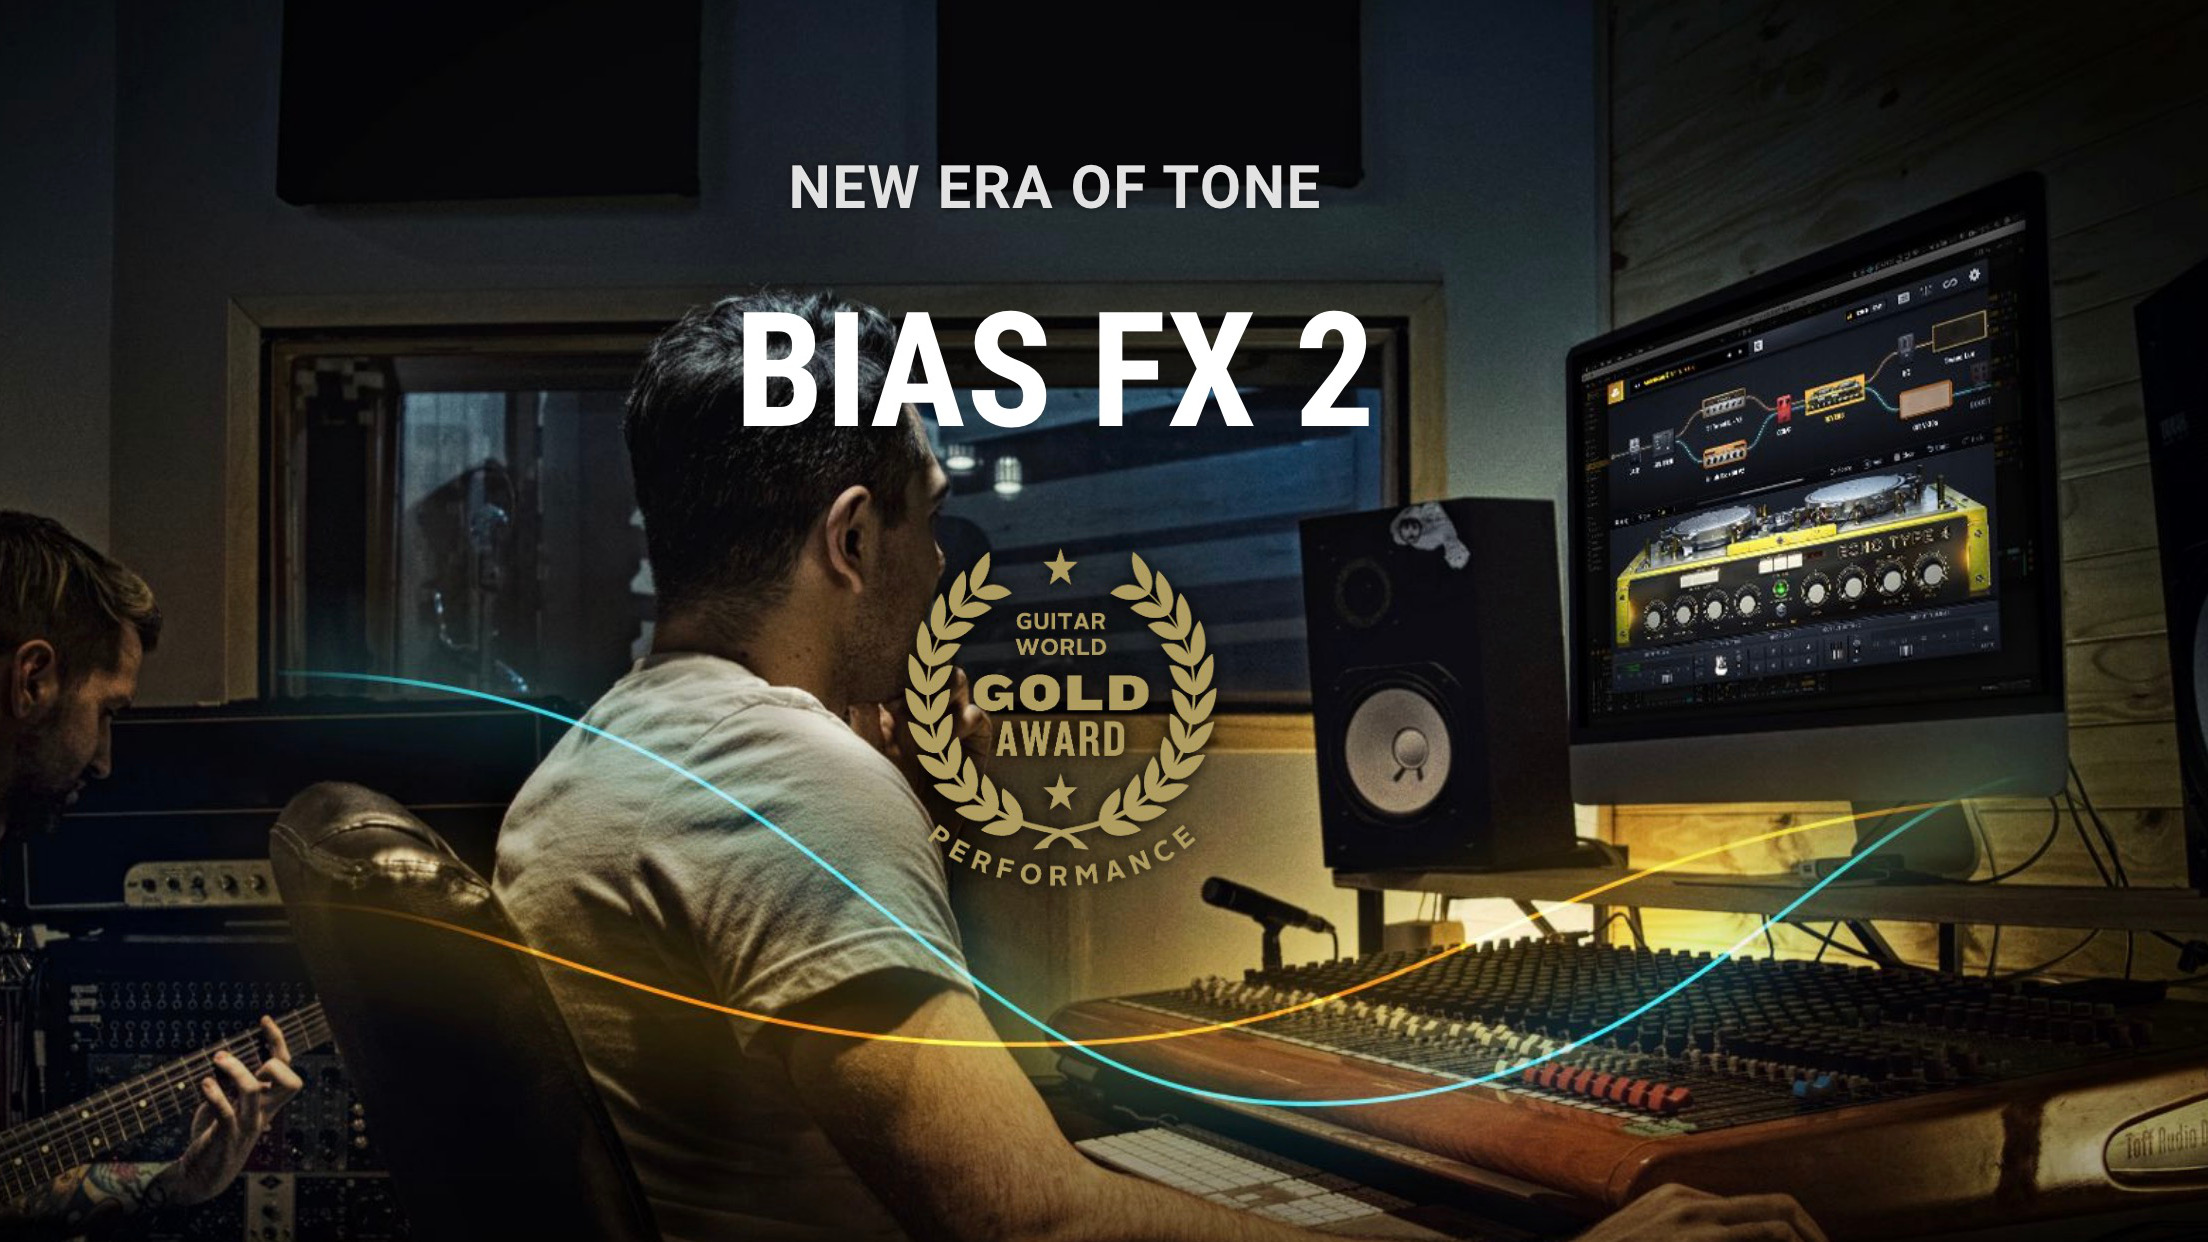 Rec時に重宝するBIAS FX2の使い方